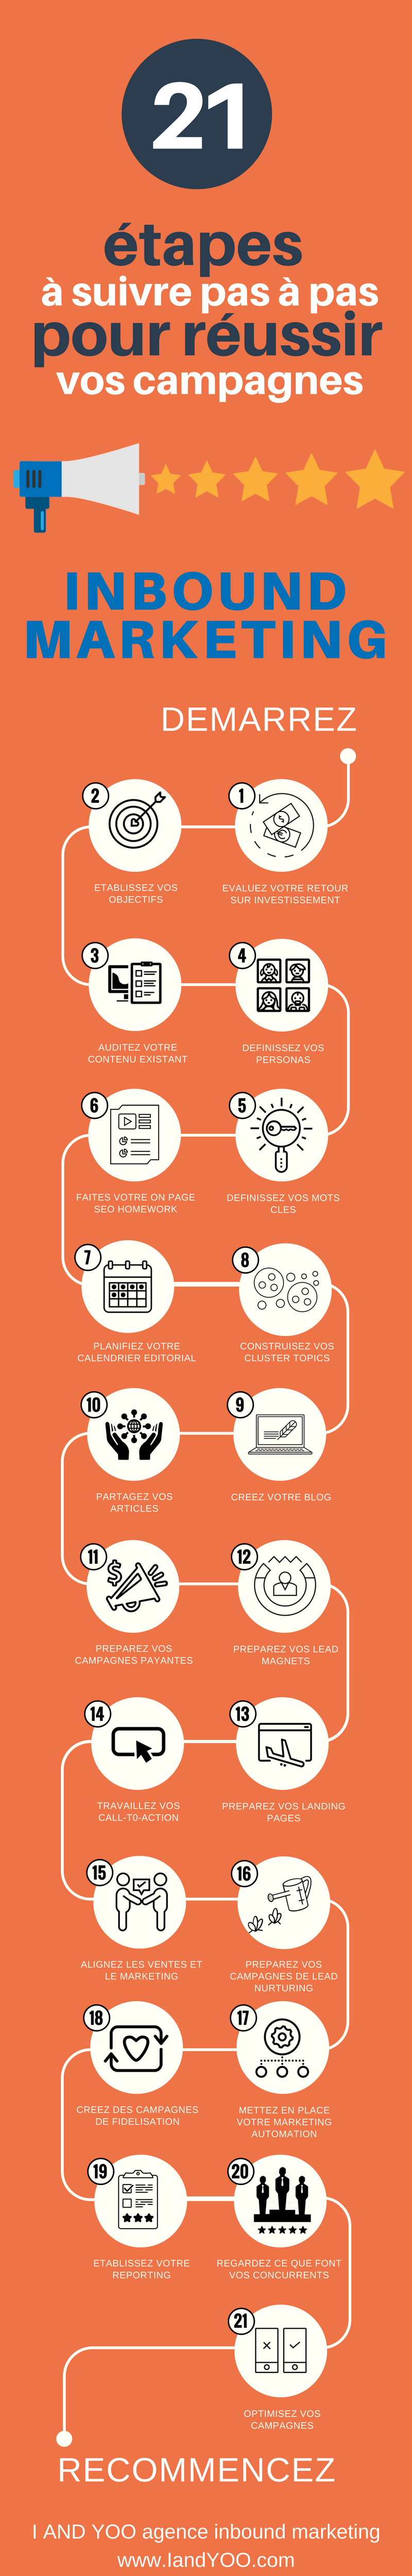 Infographie inbound marketing pas à pas - I and YOO agence inbound marketing